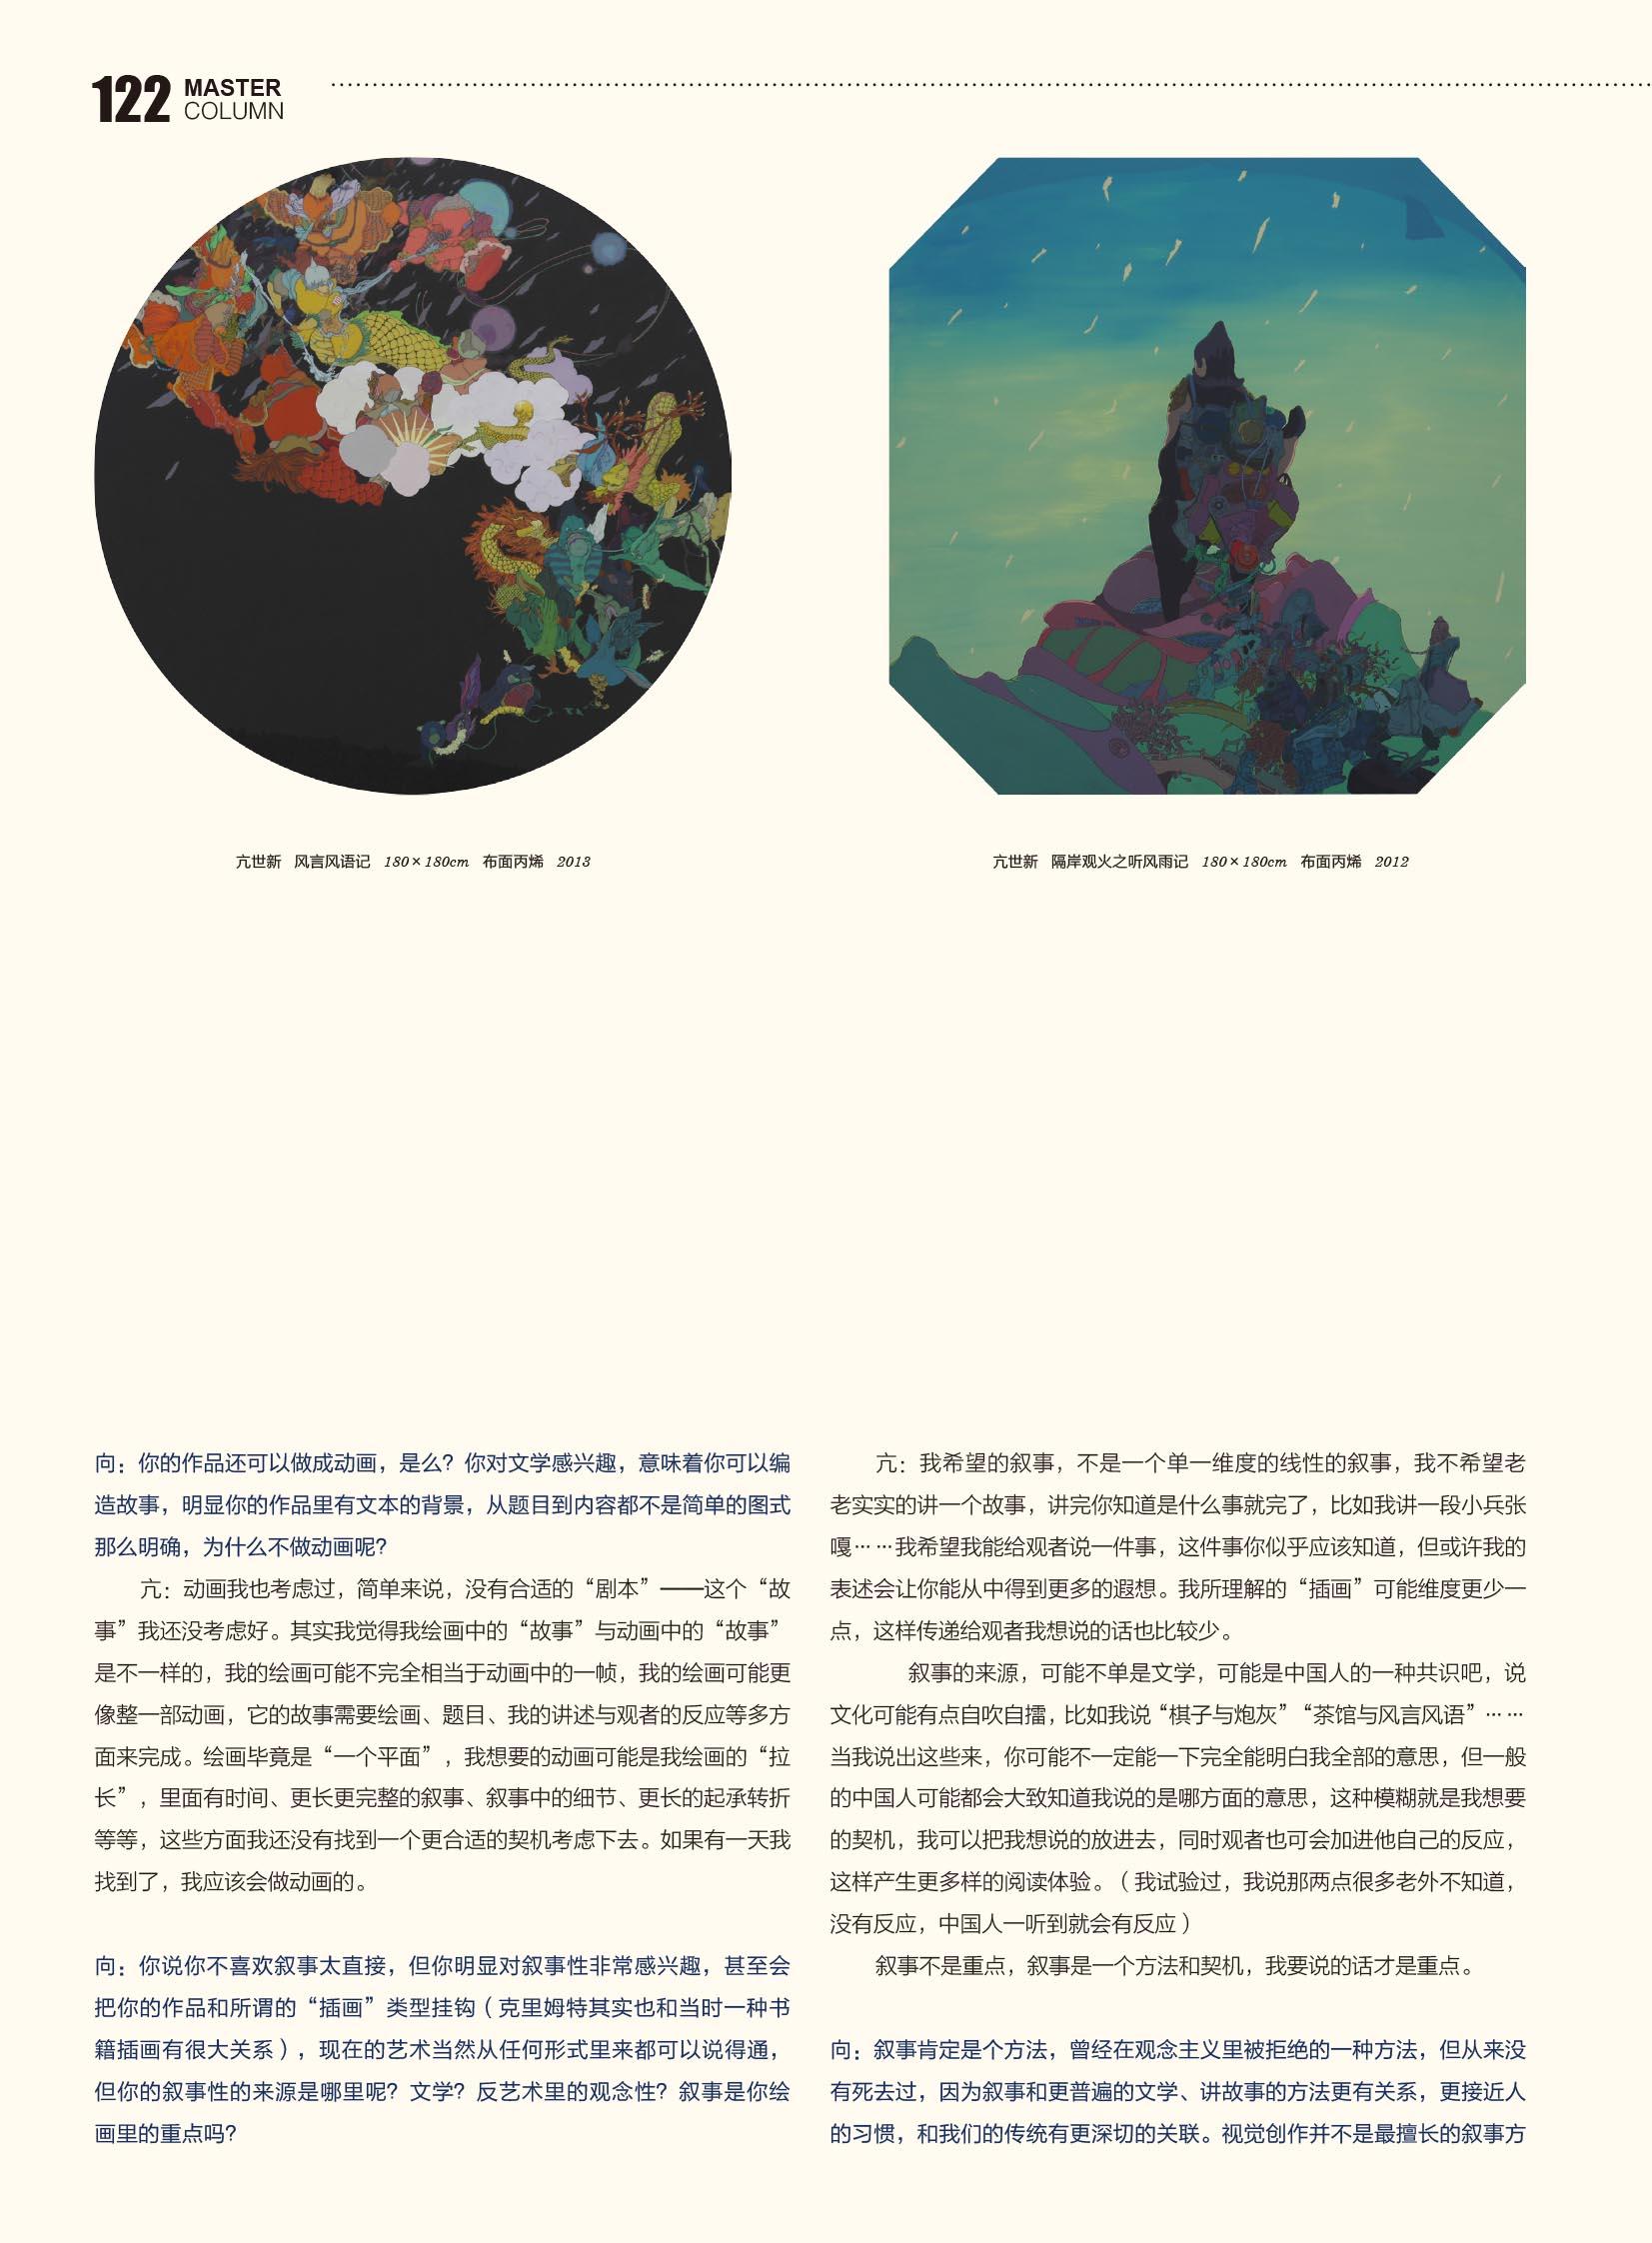 9月专栏向京-3.jpg